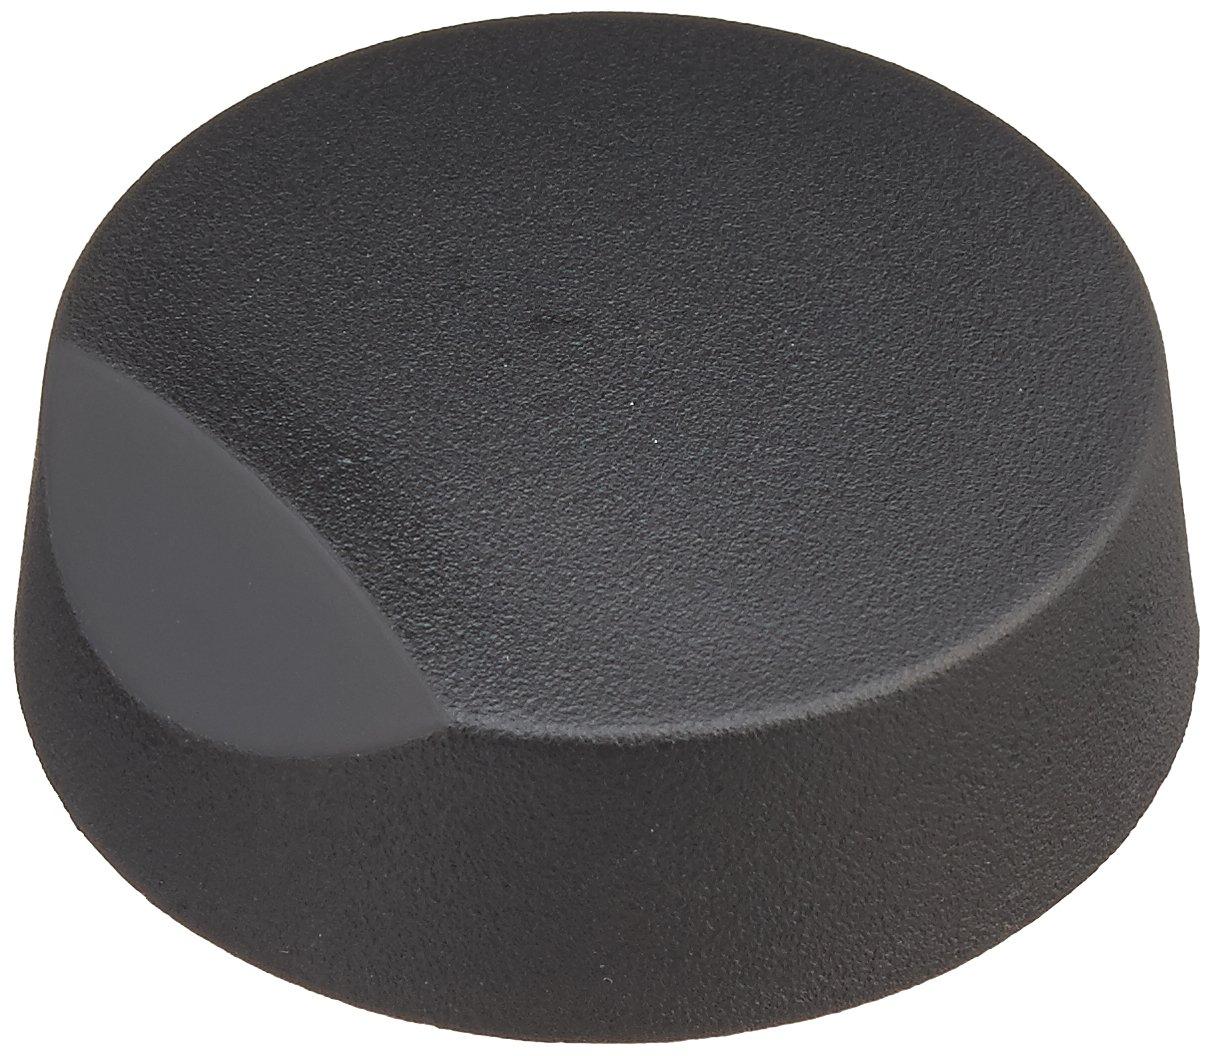 82974 Dacor Cooktop Top Burner Control Knob